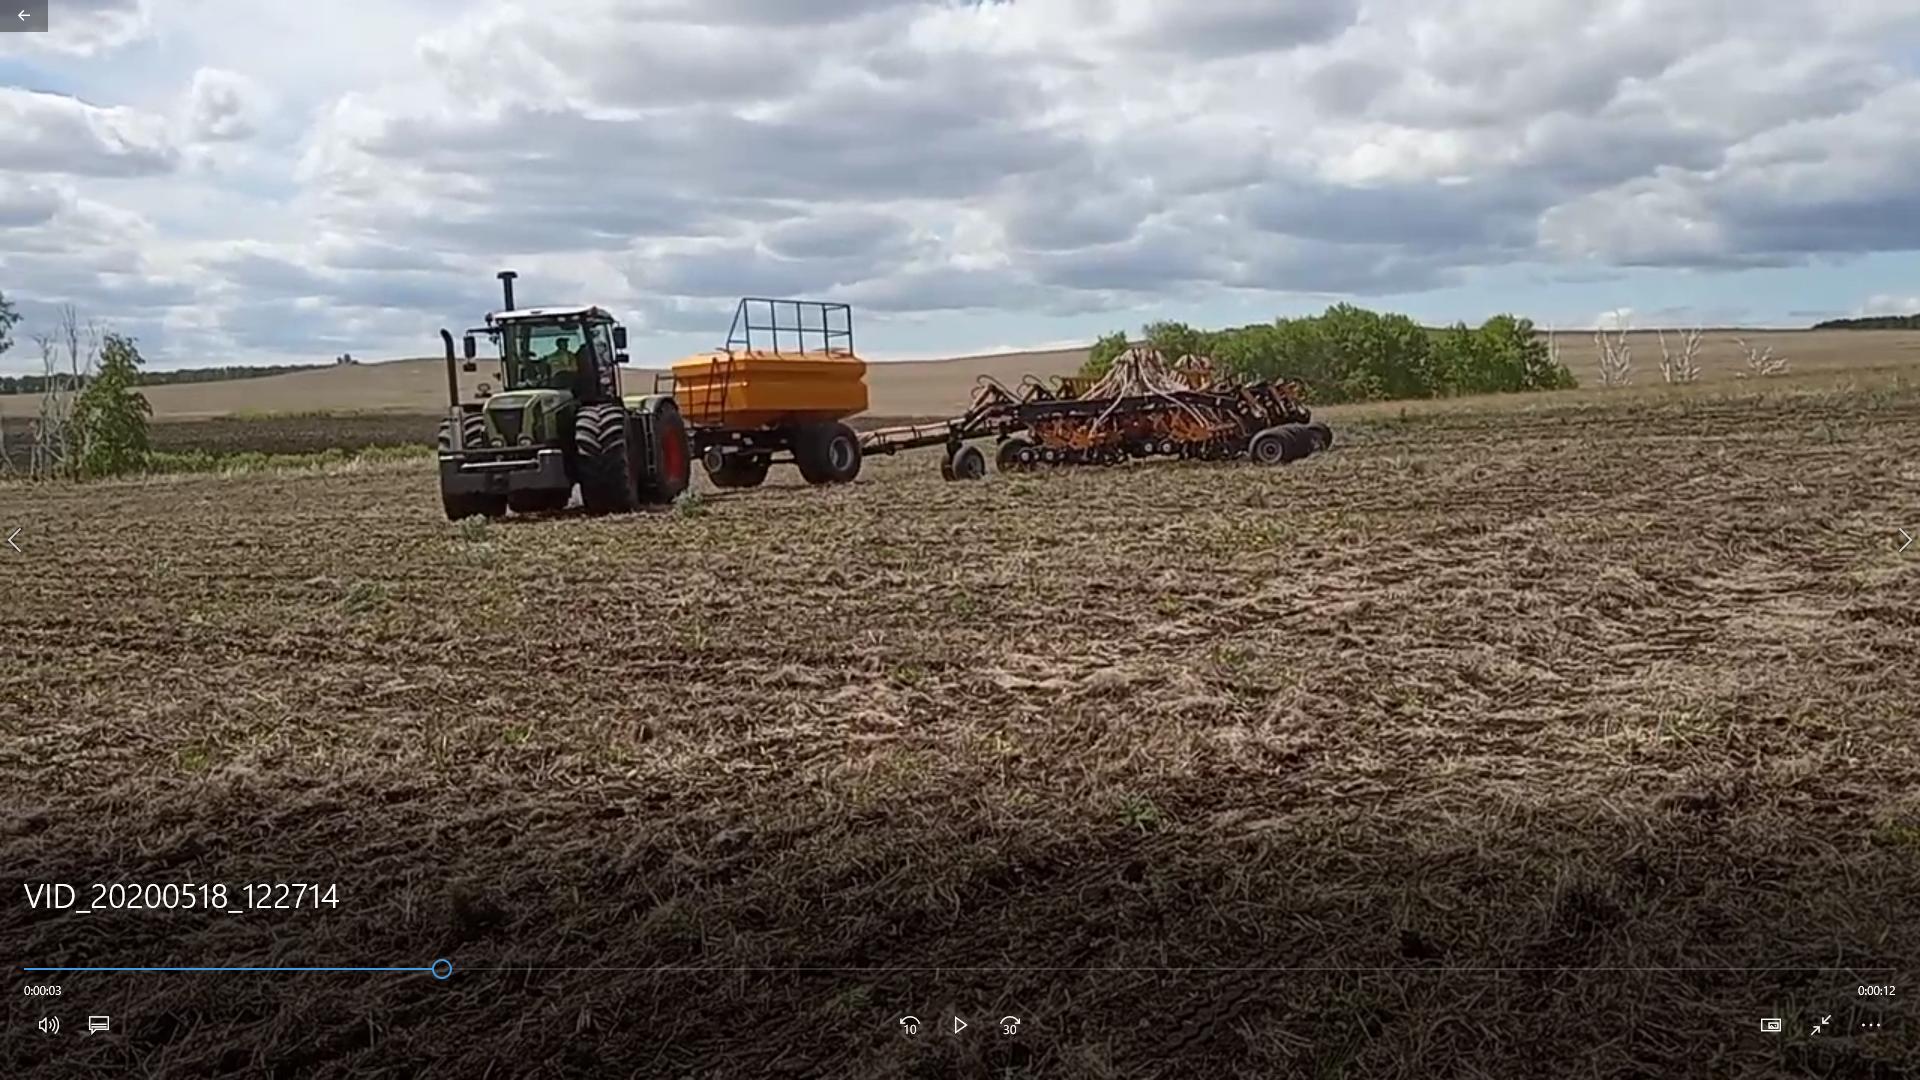 word image 1222 Разработка конструктивной схемы и обоснование параметров почвообрабатывающего посевного агрегата с пневматическим высевом семян для тракторов класса тяги 5